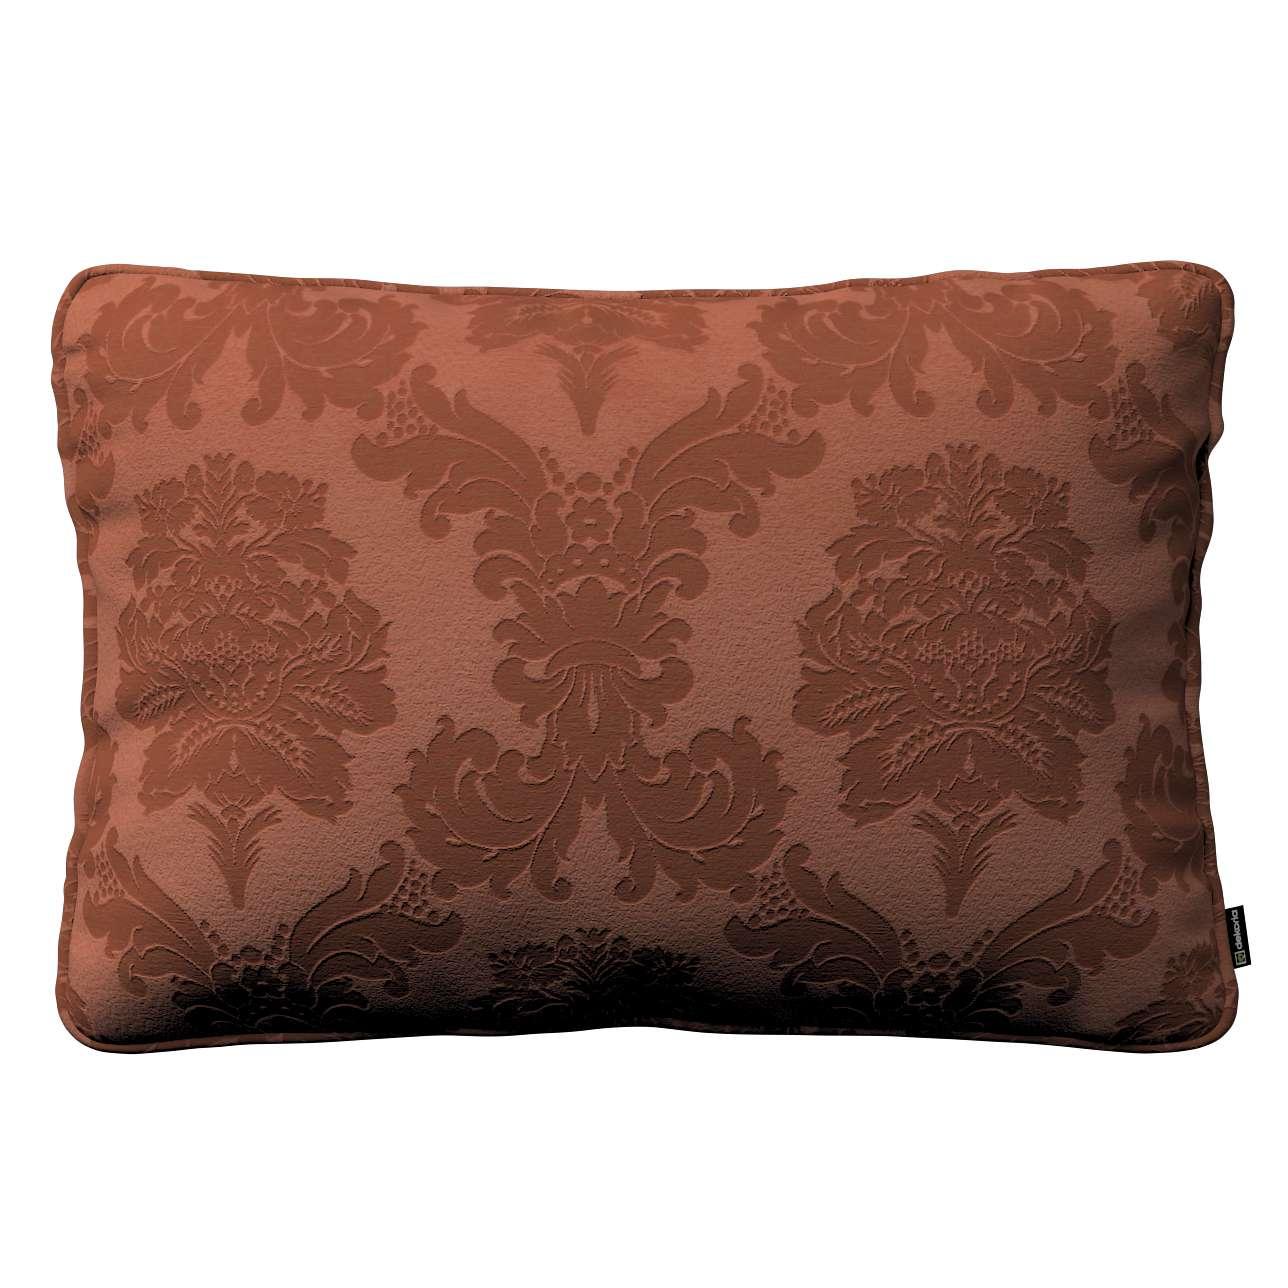 Poszewka Gabi na poduszkę prostokątna 60x40cm w kolekcji Damasco, tkanina: 613-88